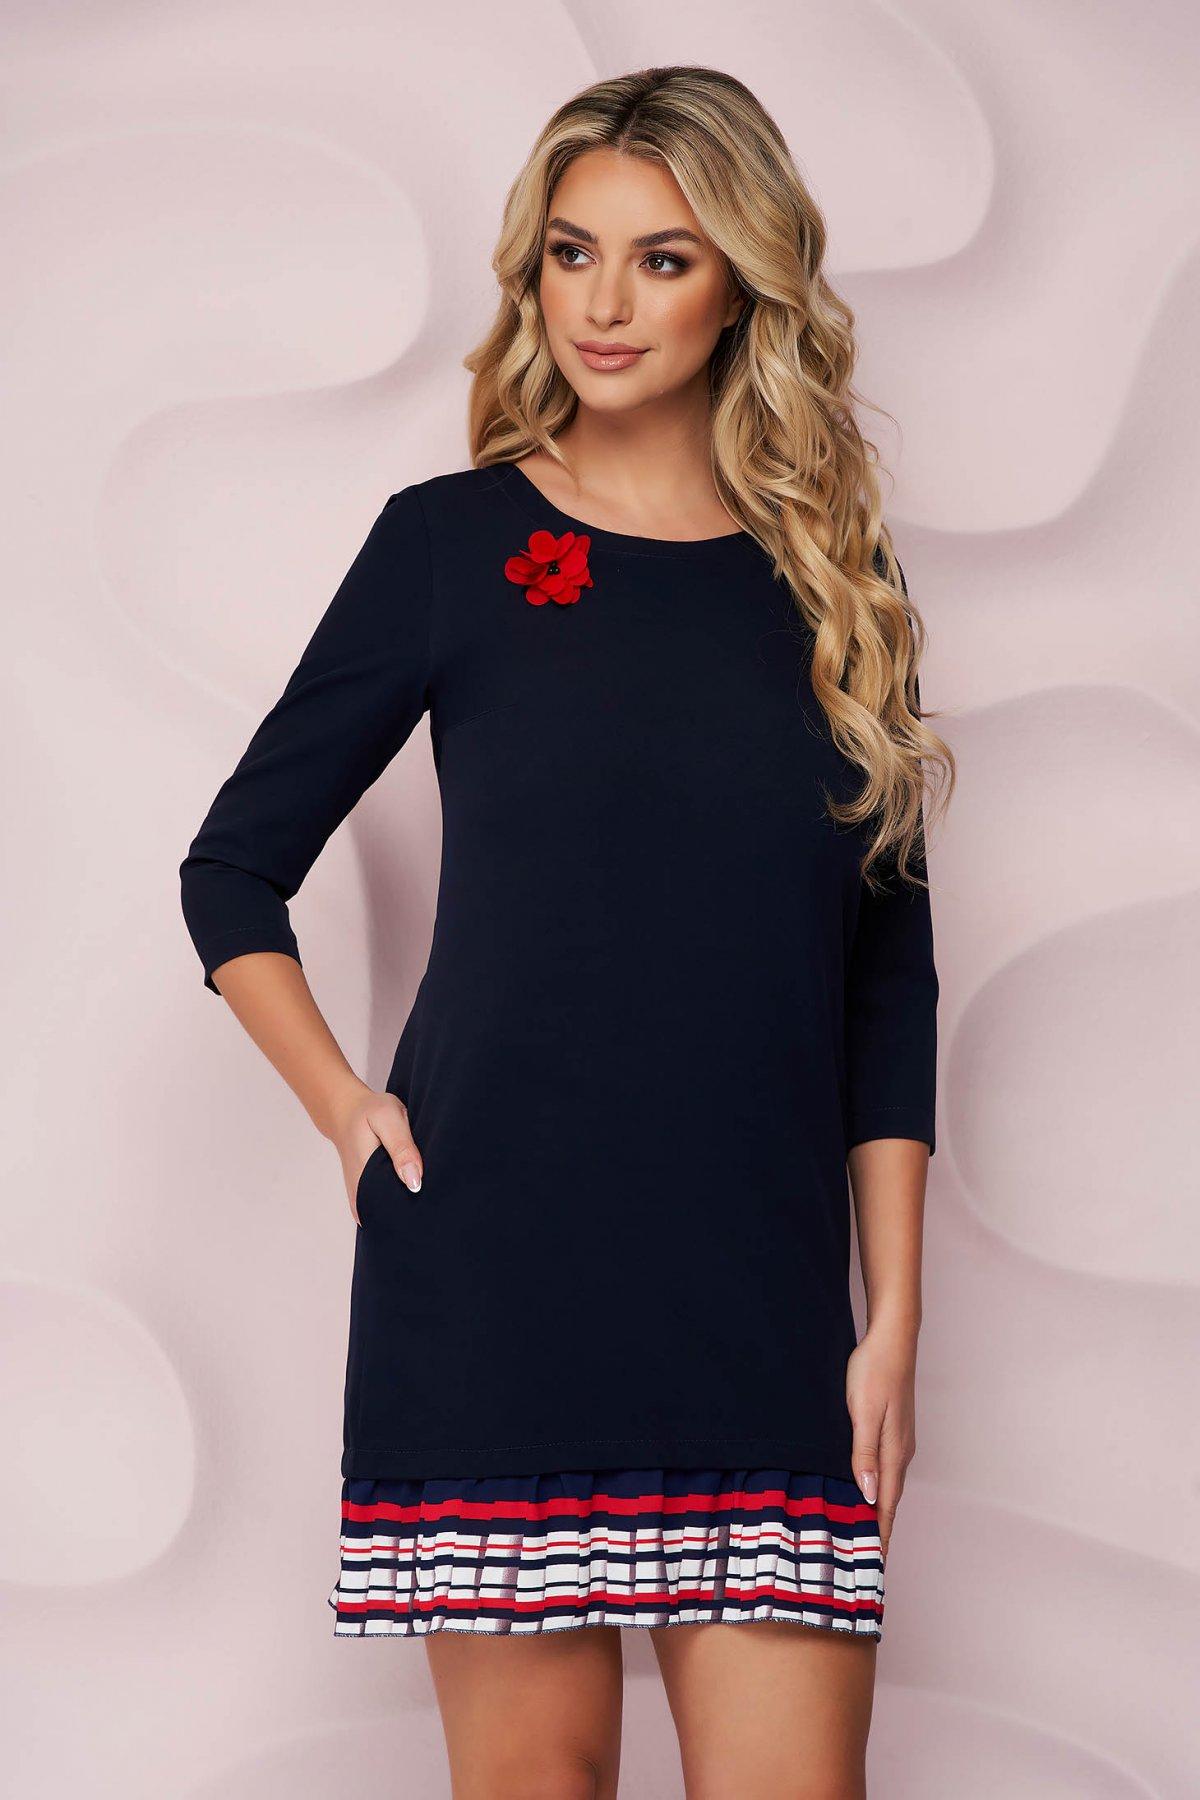 Rochie StarShinerS albastru-inchis scurta eleganta cu volanase la baza rochiei si buzunare